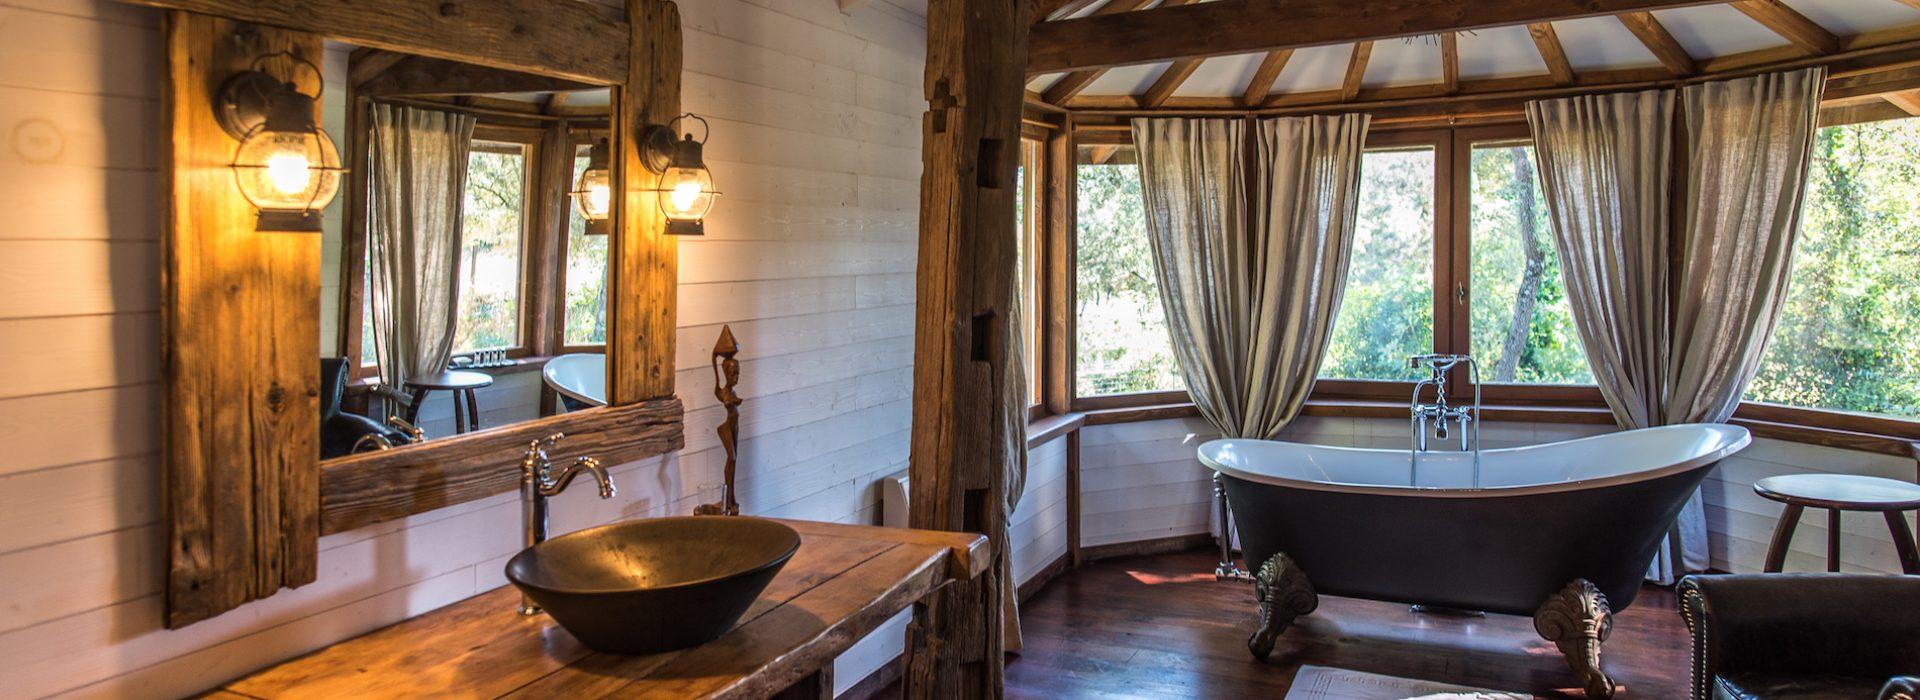 Chambre Nivaquin dans notre maison d'hôte à Boisseron - Hérault